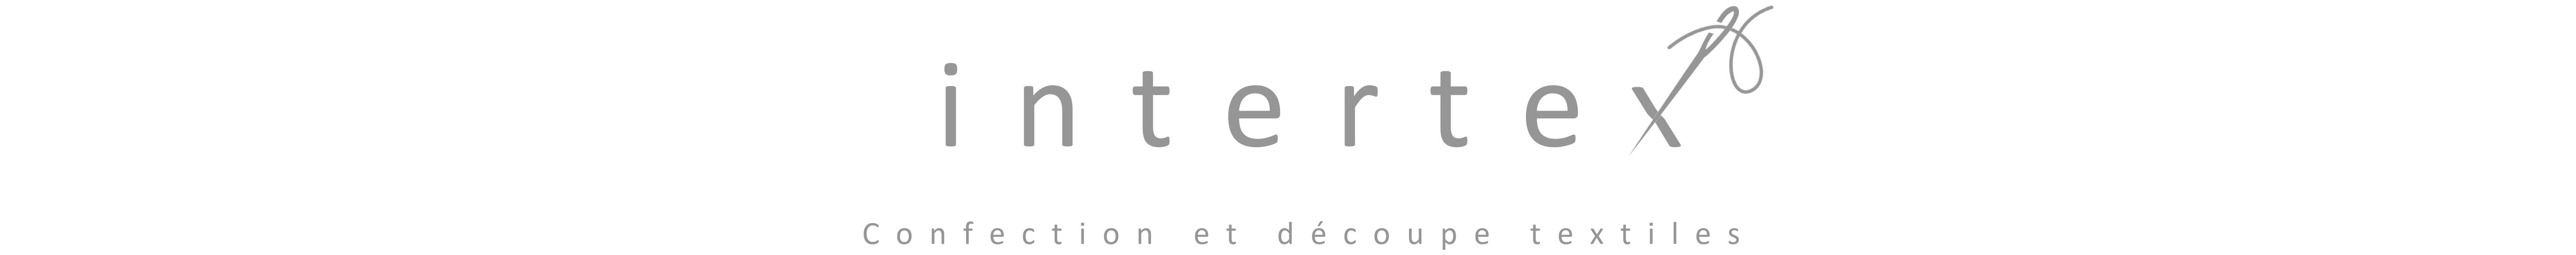 Intertex - Confection et découpe textiles